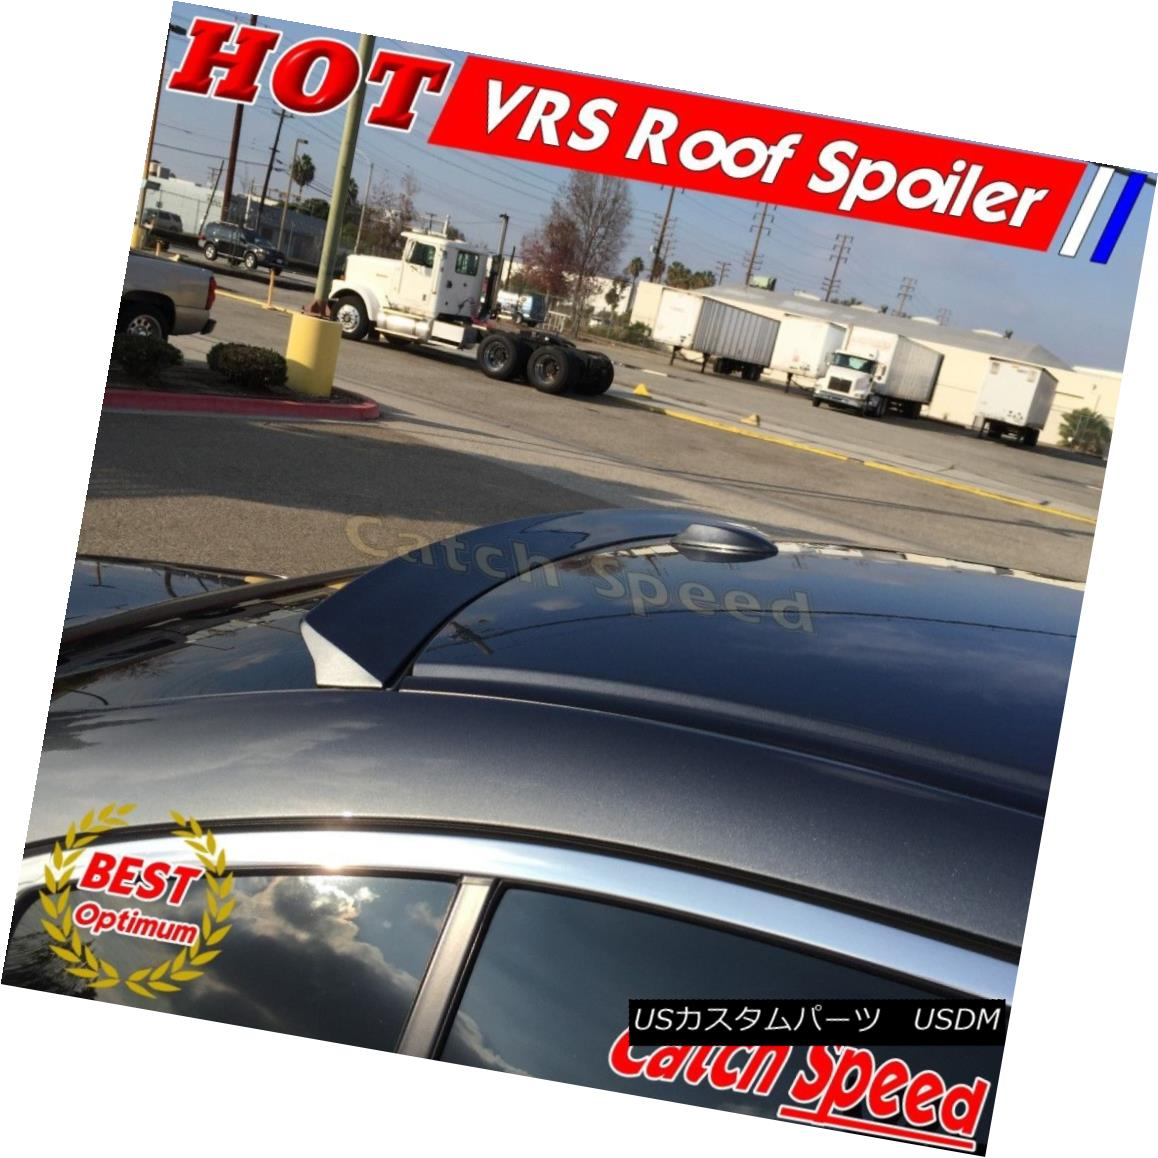 エアロパーツ Painted VRS Rear Window Roof Spoiler Wing For 7 series BMW E65 Sedan 2002~08 ? 塗装済みVRSリアウィンドウルーフスポイラー7シリーズ用BMW E65セダン2002?08?